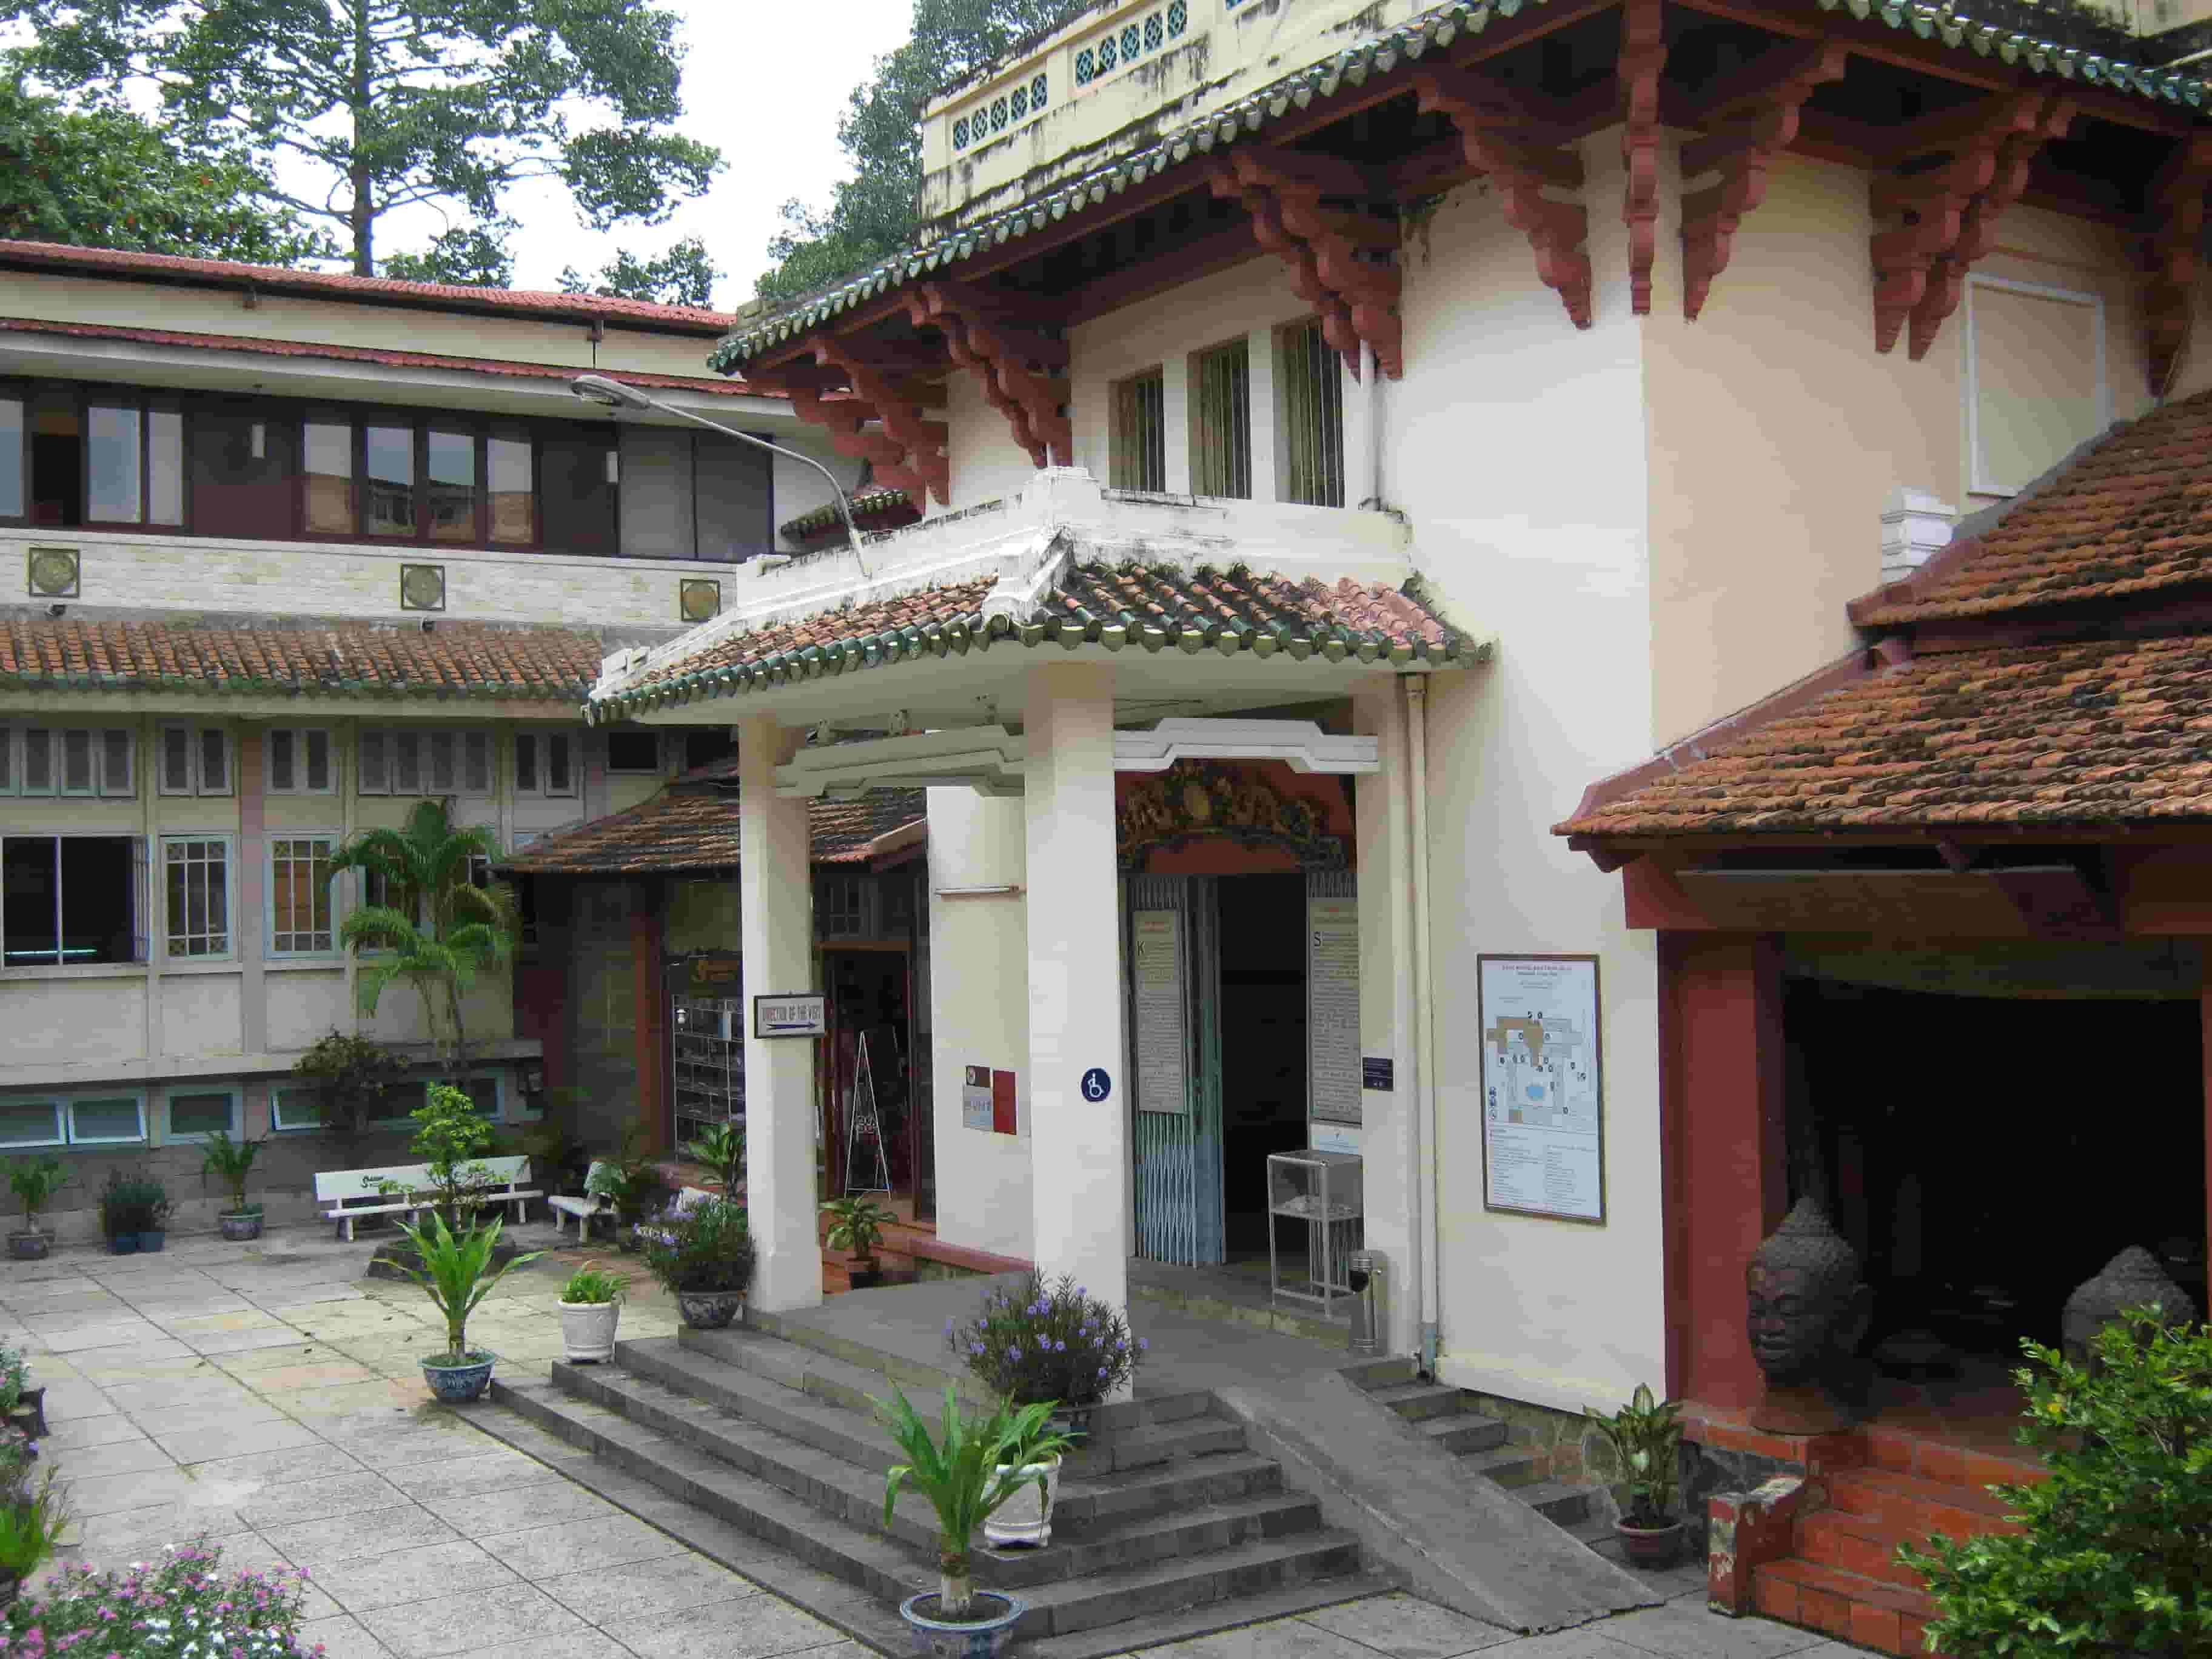 Bảo tàng lịch sử Việt Nam- danh lam thắng cảnh Sài Gòn